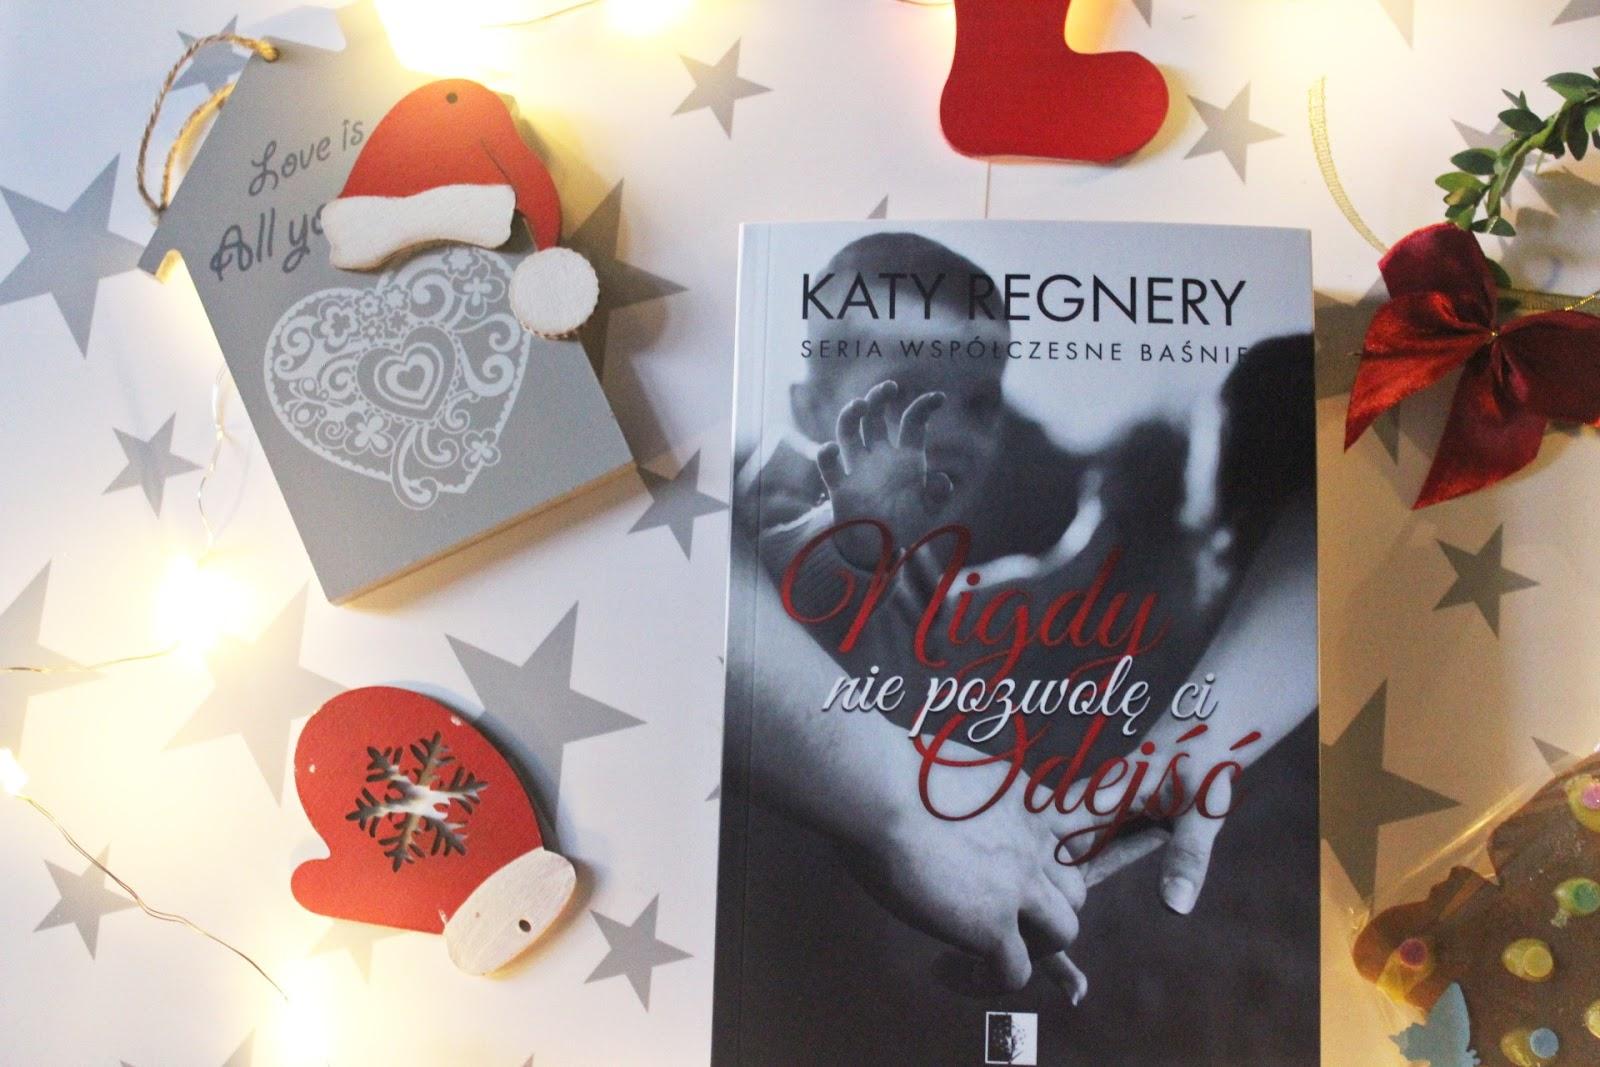 Nigdy nie pozwolę ci odejść, Katy Regnery. O powieści pełnej miłości, bólu i walki o lepsze życie.